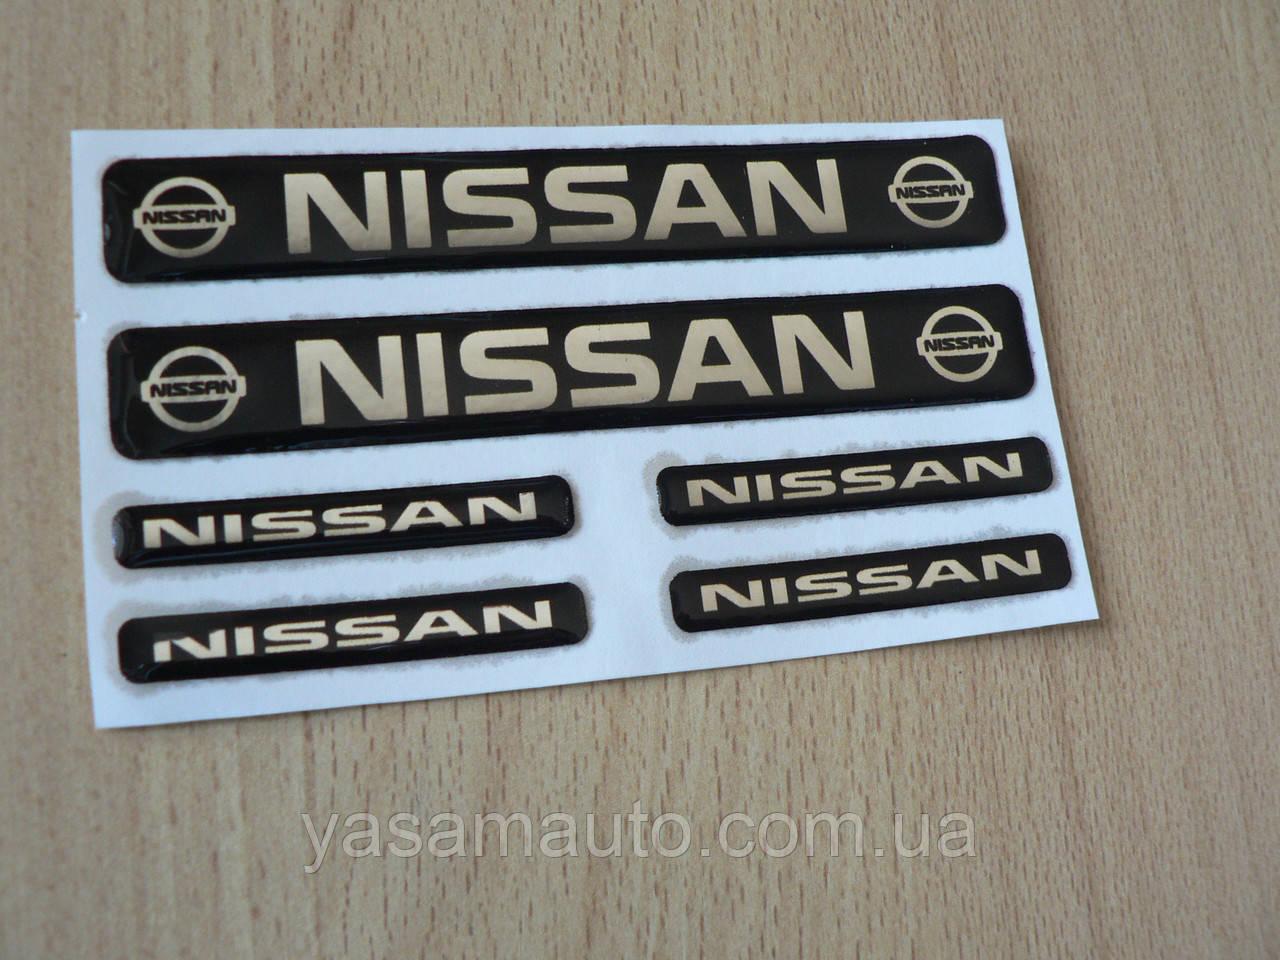 Наклейка s маленькая Nissan набор 6шт силиконовая надпись на авто эмблема Ниссан Уценка